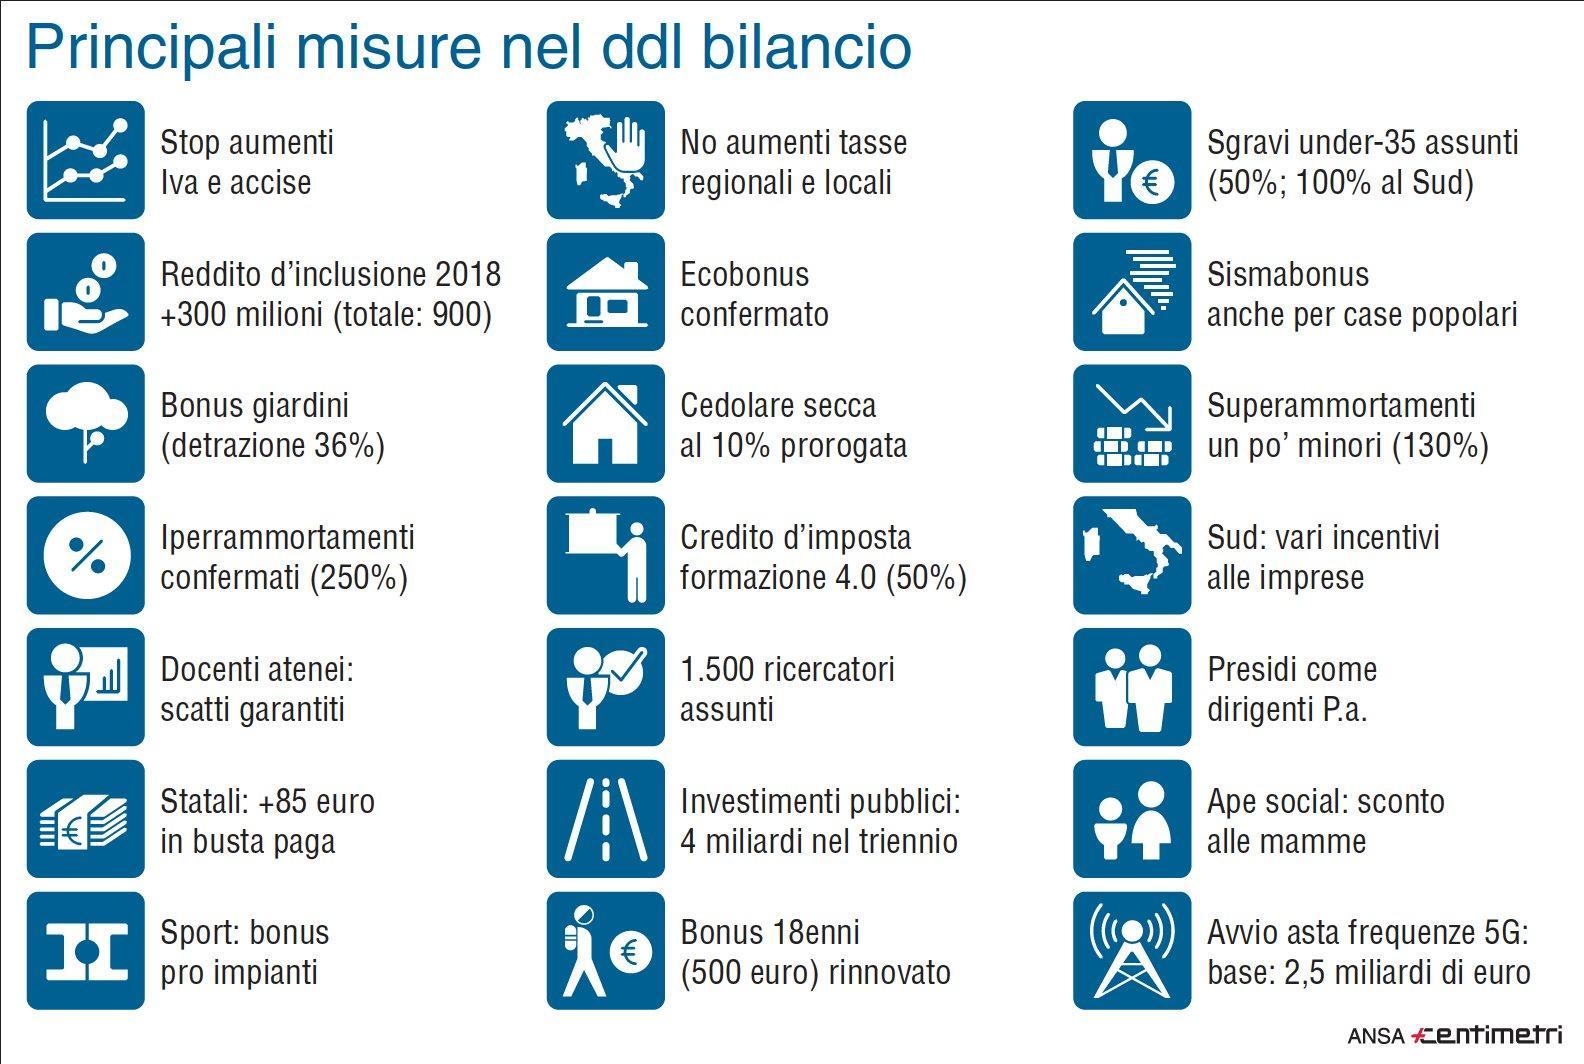 Manovra, ecco le misure principali nel ddl bilancio